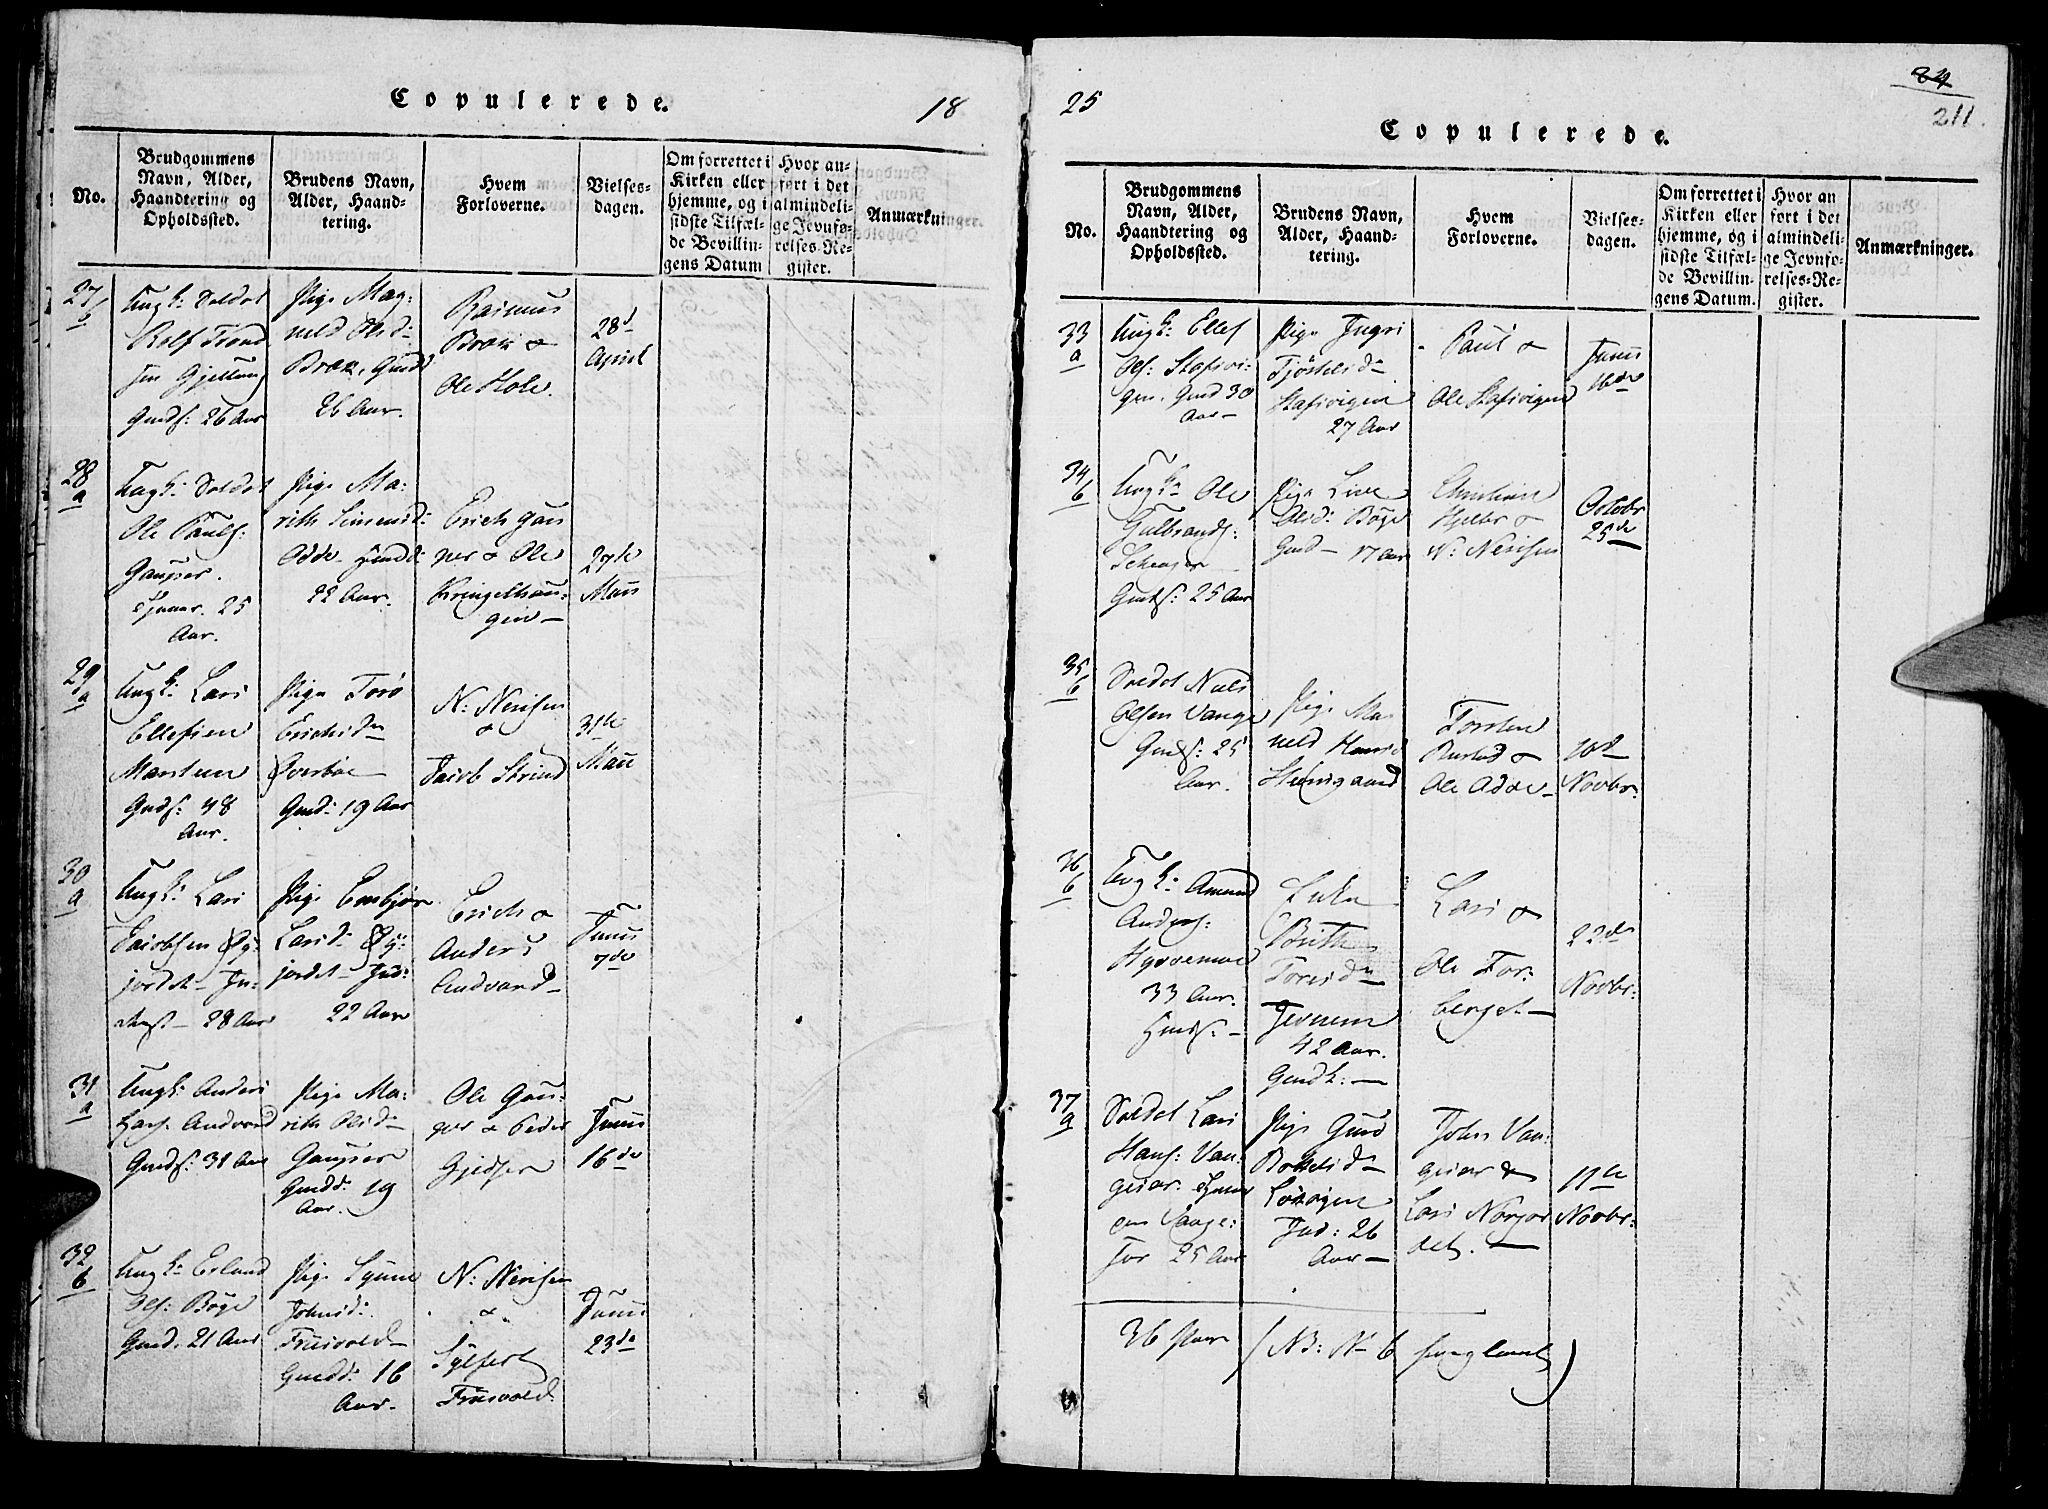 SAH, Lom prestekontor, K/L0004: Ministerialbok nr. 4, 1815-1825, s. 211